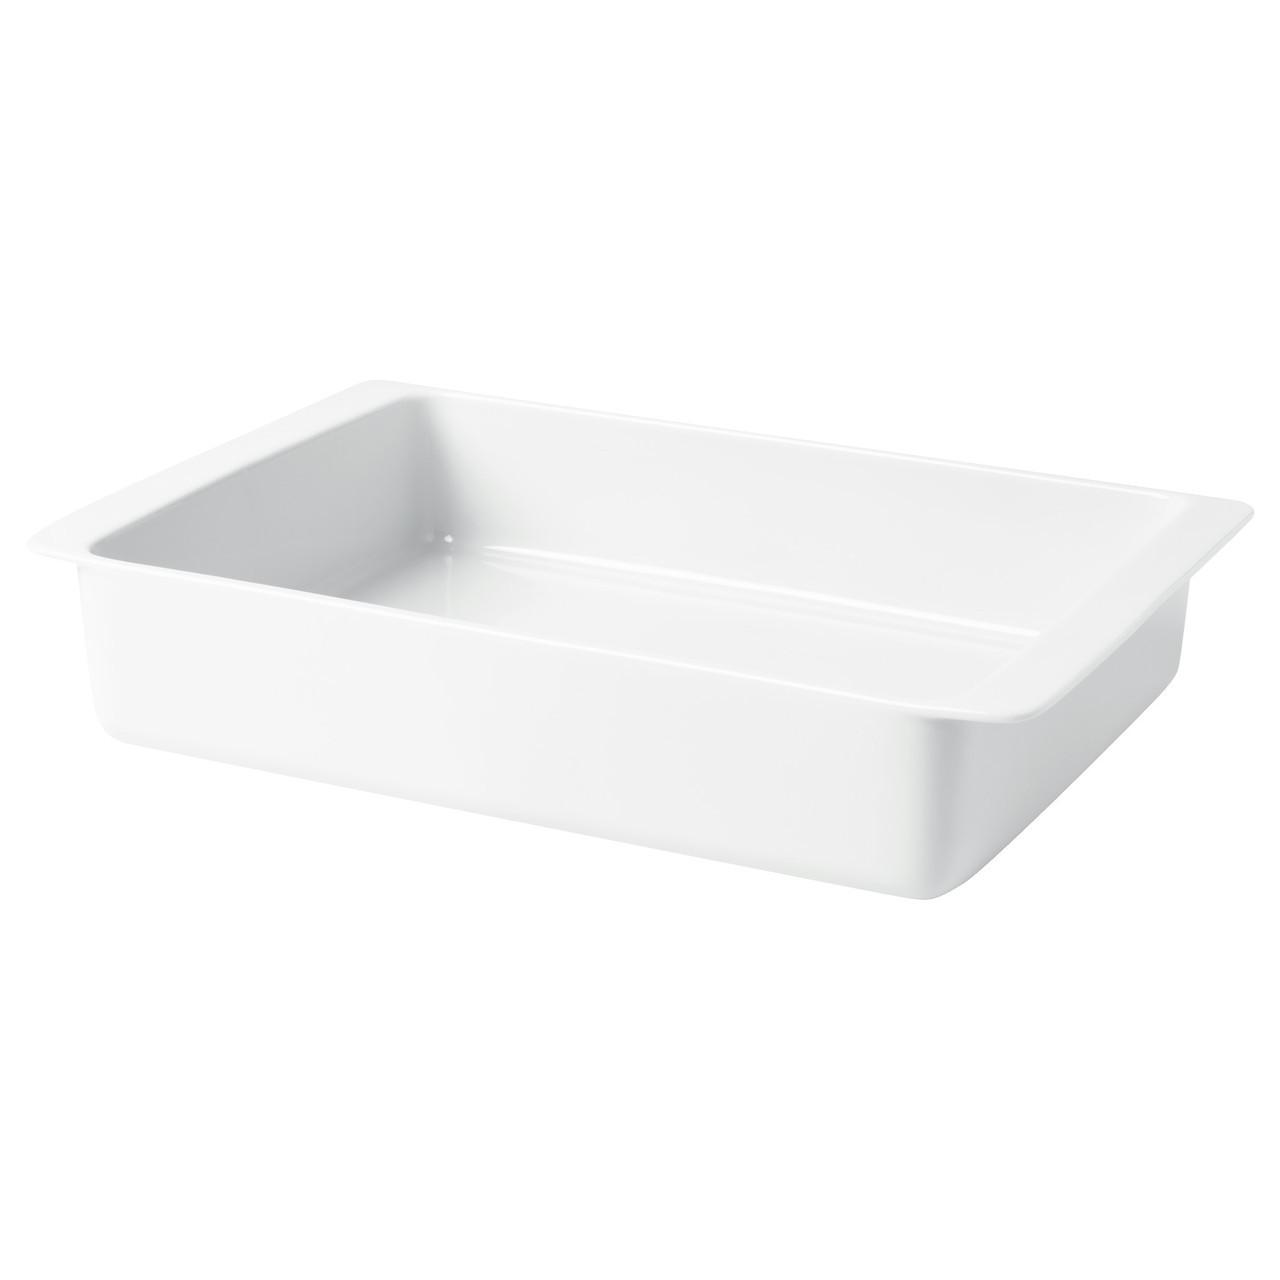 ИКЕА 365+ Термостойкое блюдо, белое